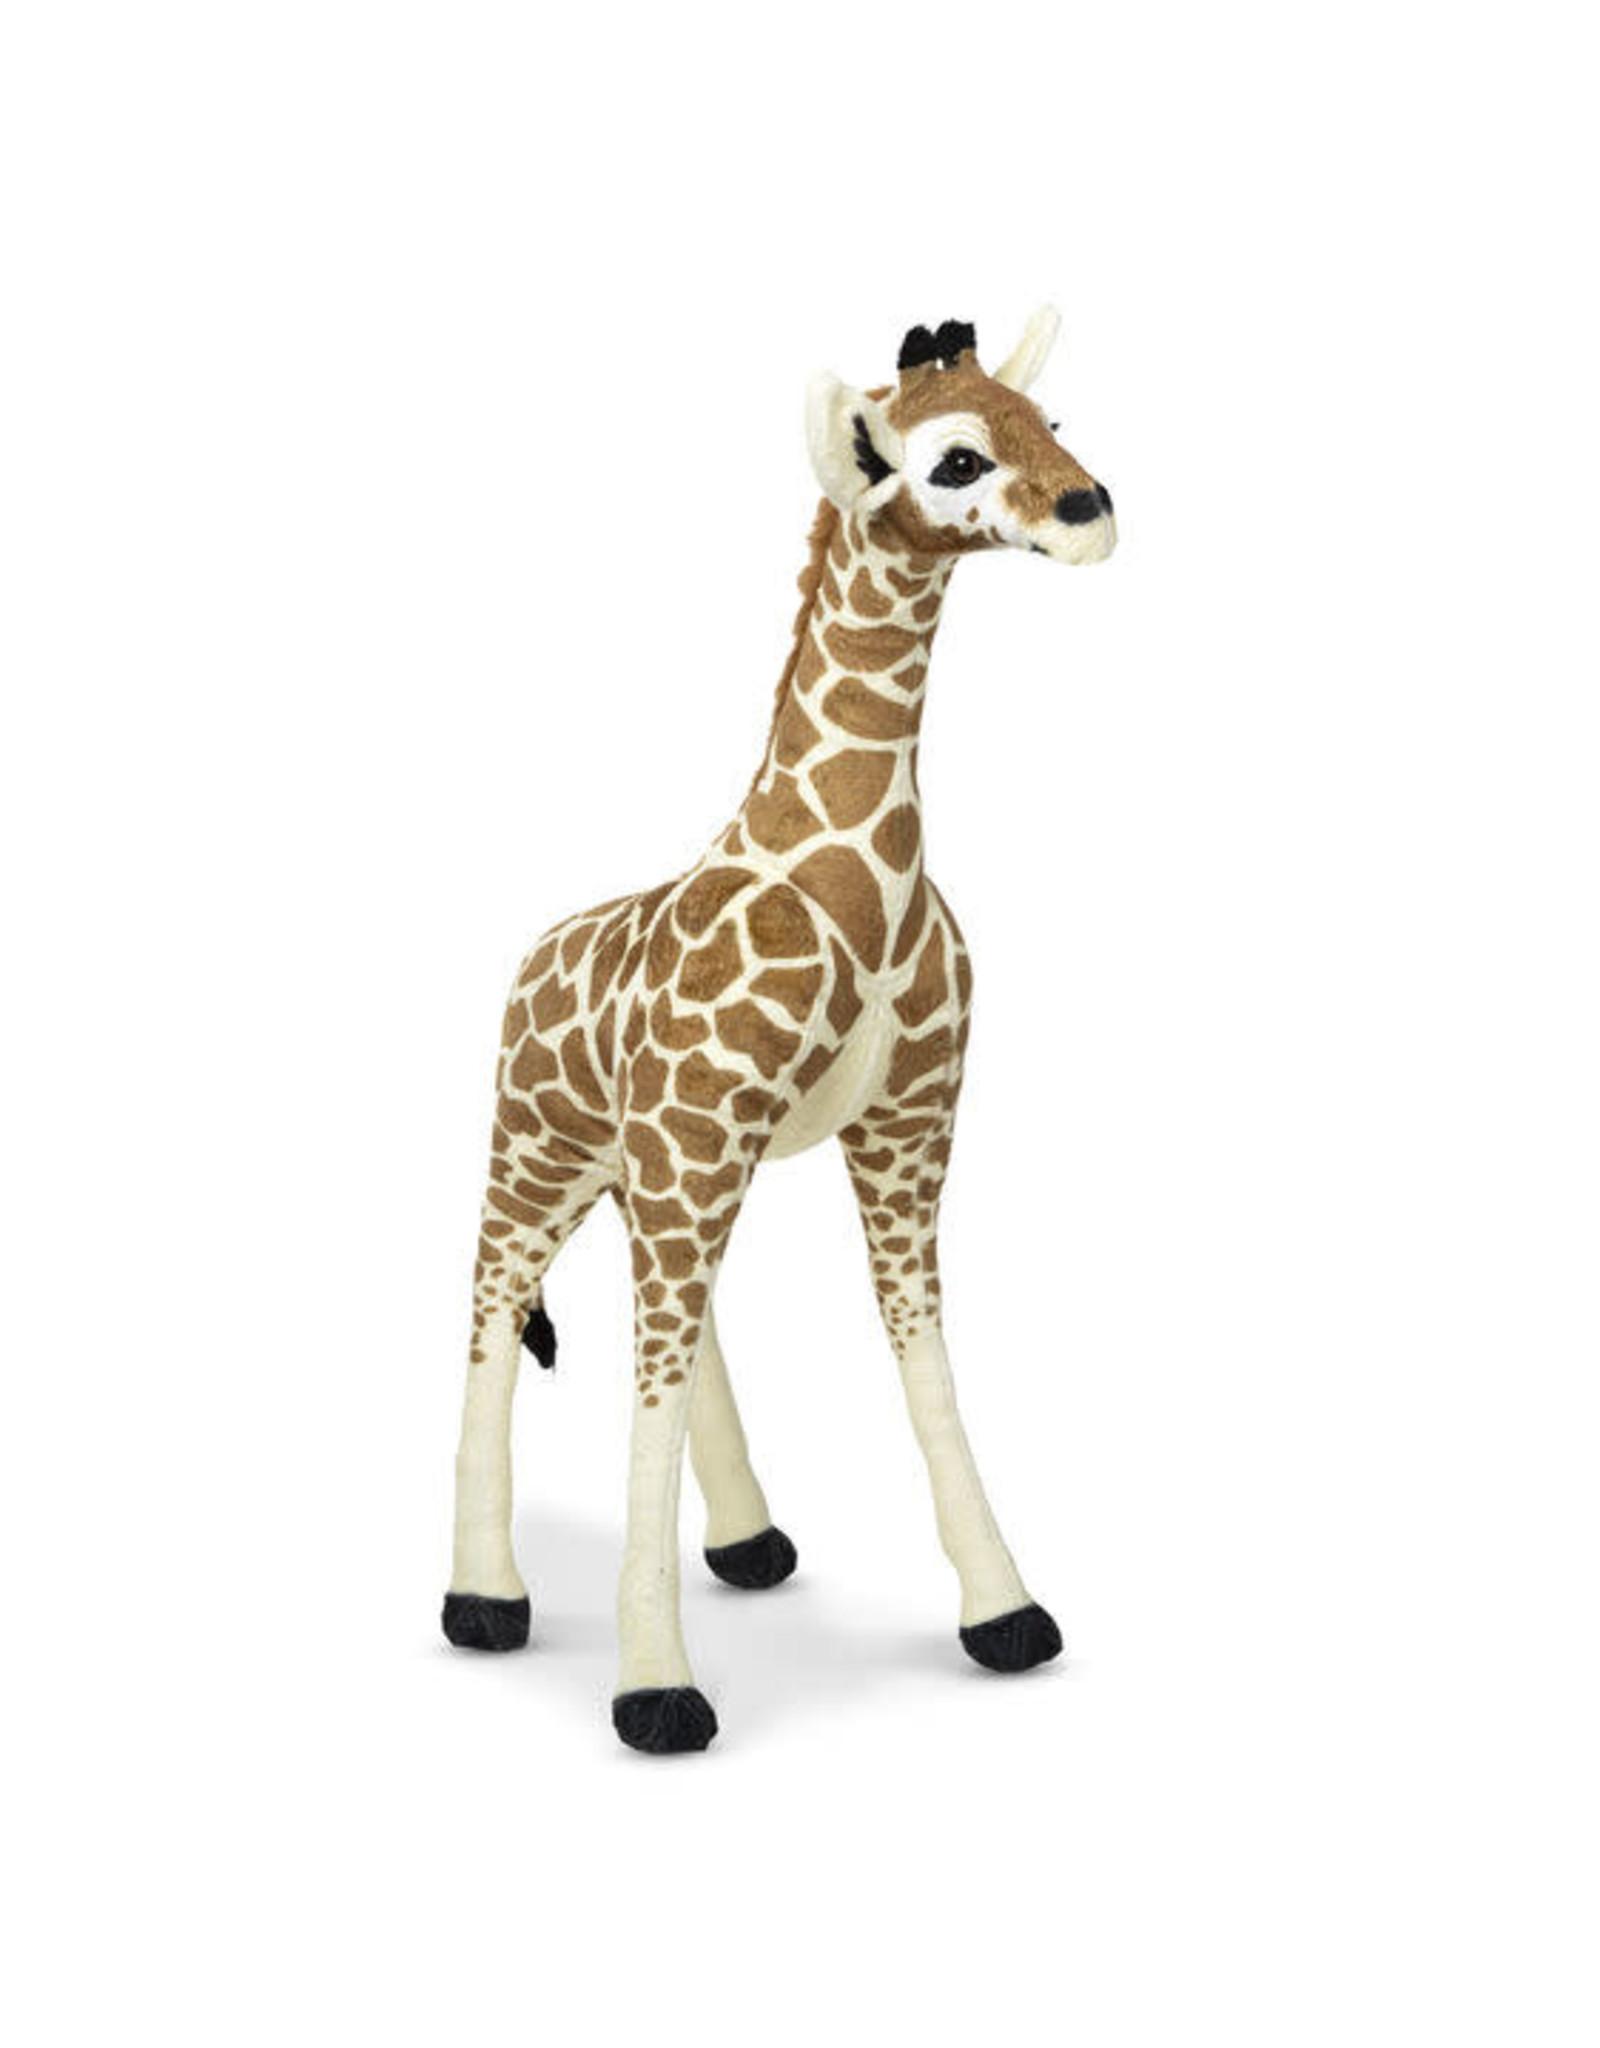 Melissa & Doug Plush - Standing Baby Giraffe